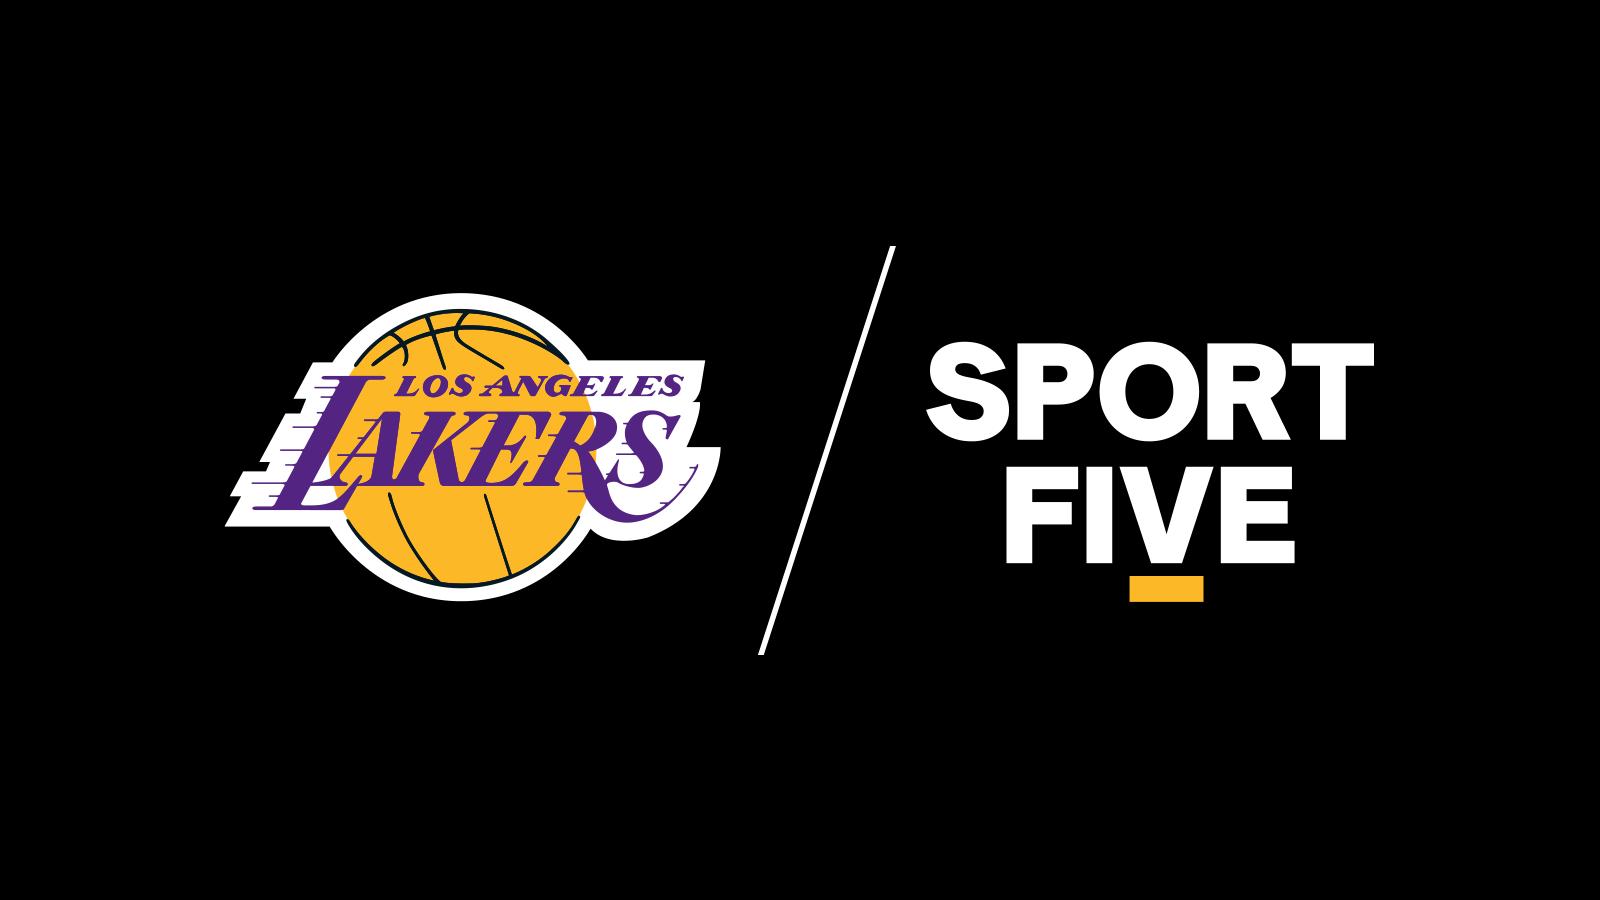 SPORTFIVE与洛杉矶湖人队达成全球独家合作